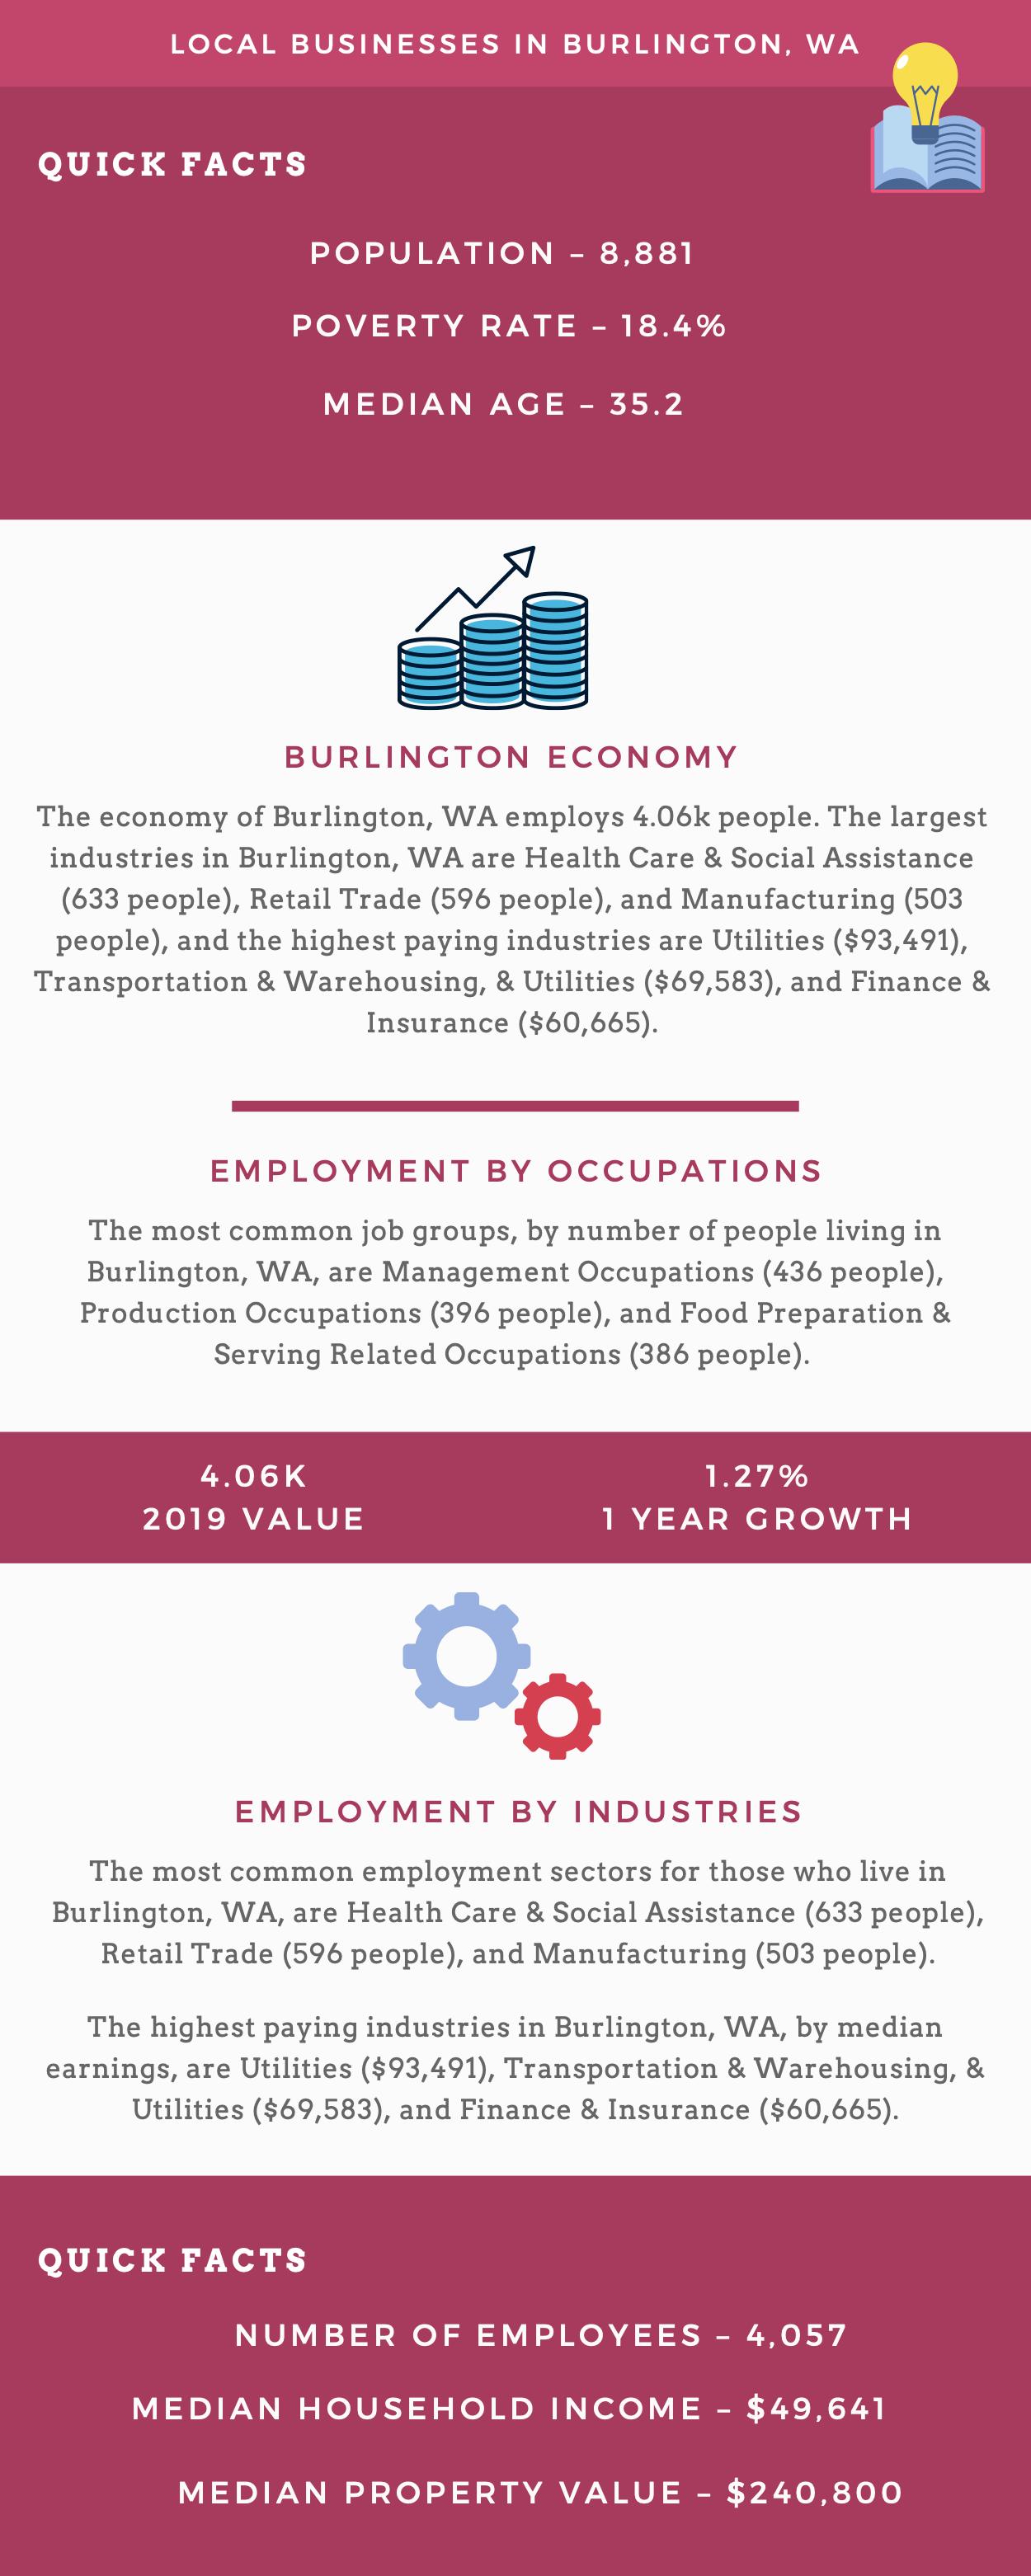 Local Businesses in Burlington, WA